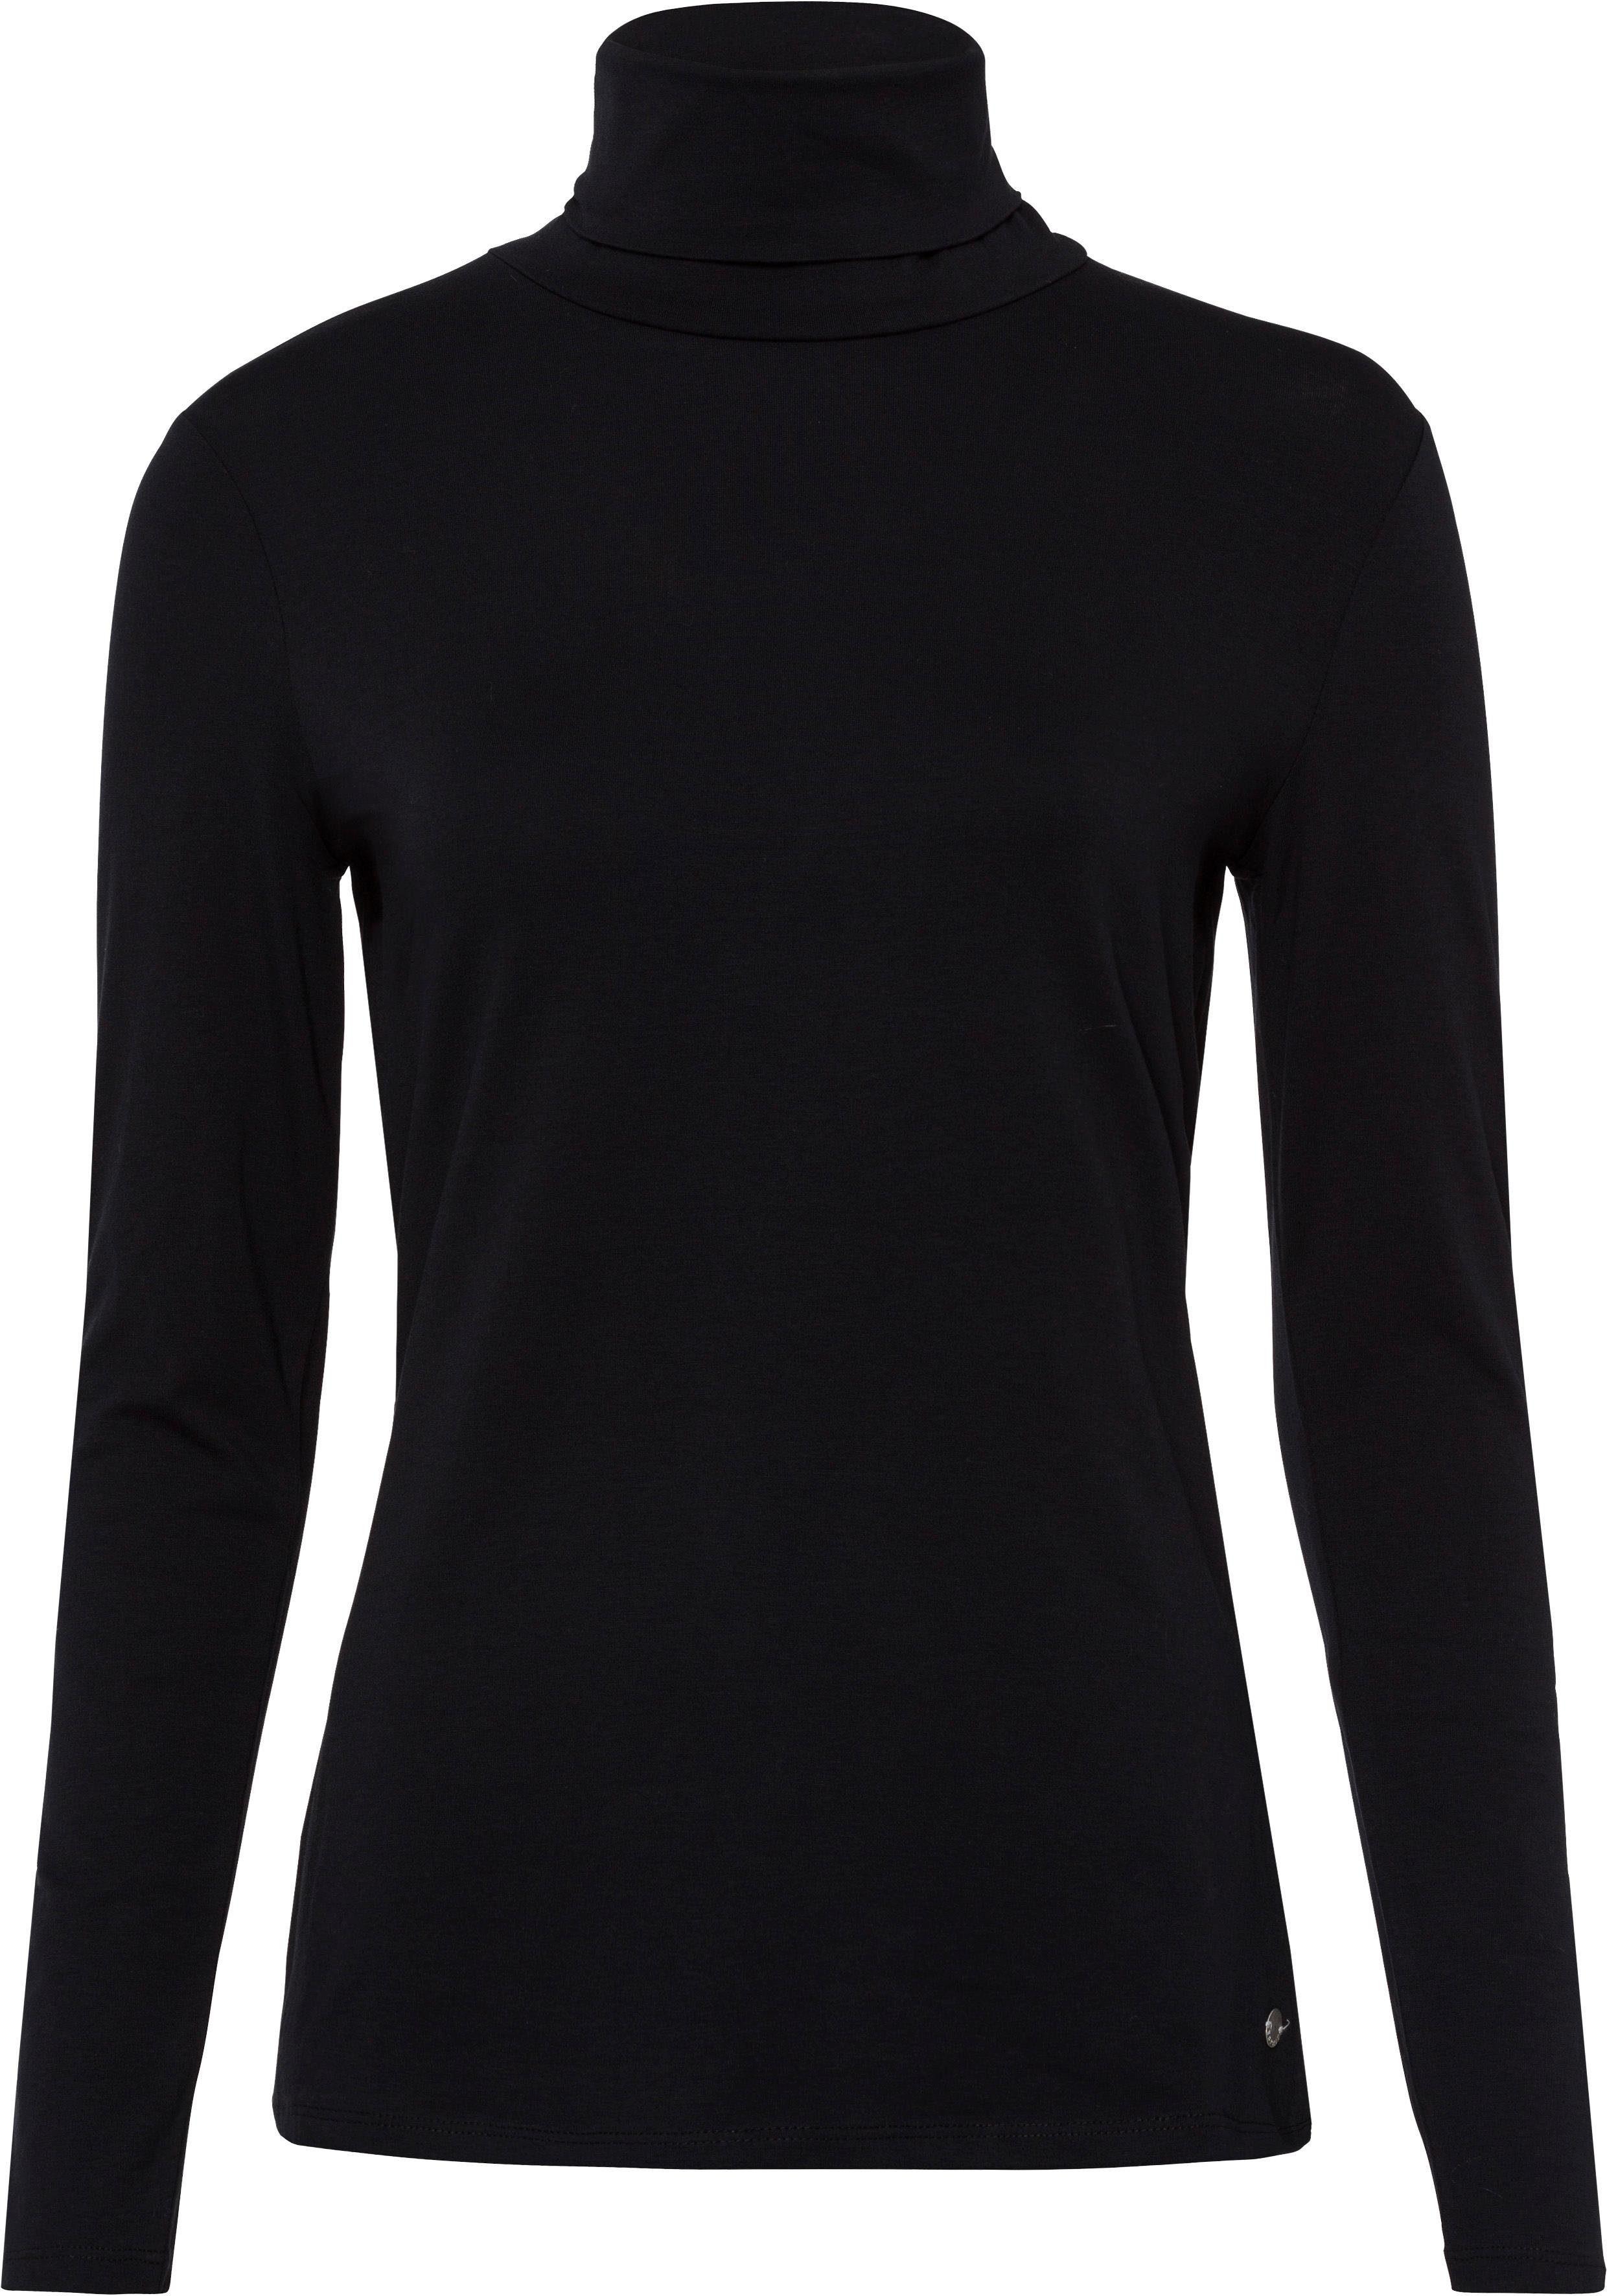 Esprit Rollkragenshirt | Bekleidung > Shirts > Rollkragenshirts | Esprit